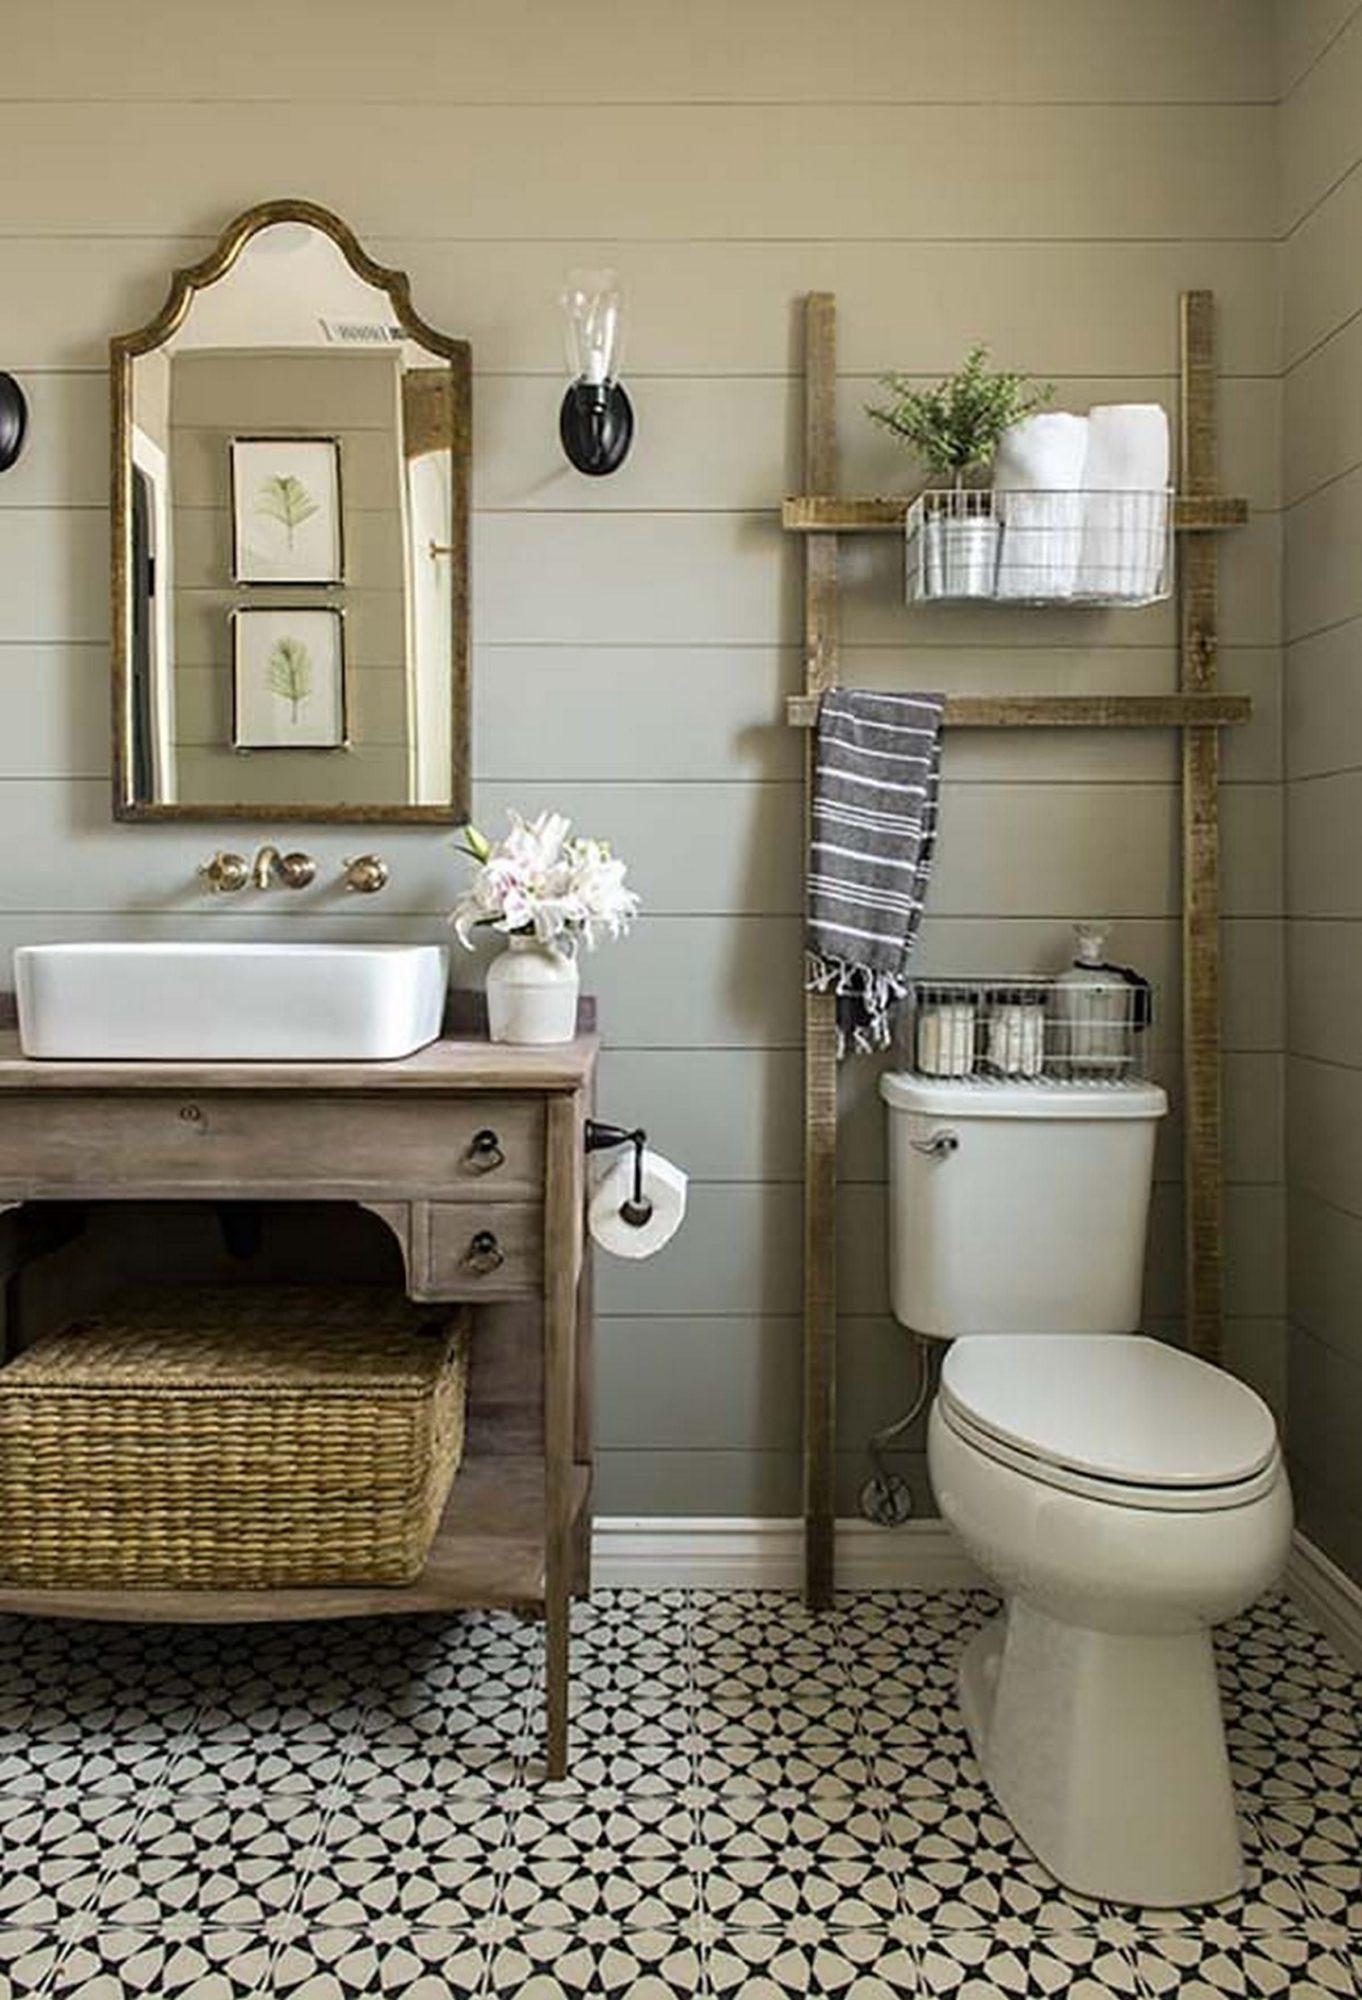 Декор в ванной - это важный момент, на который стоит обратить своё внимание